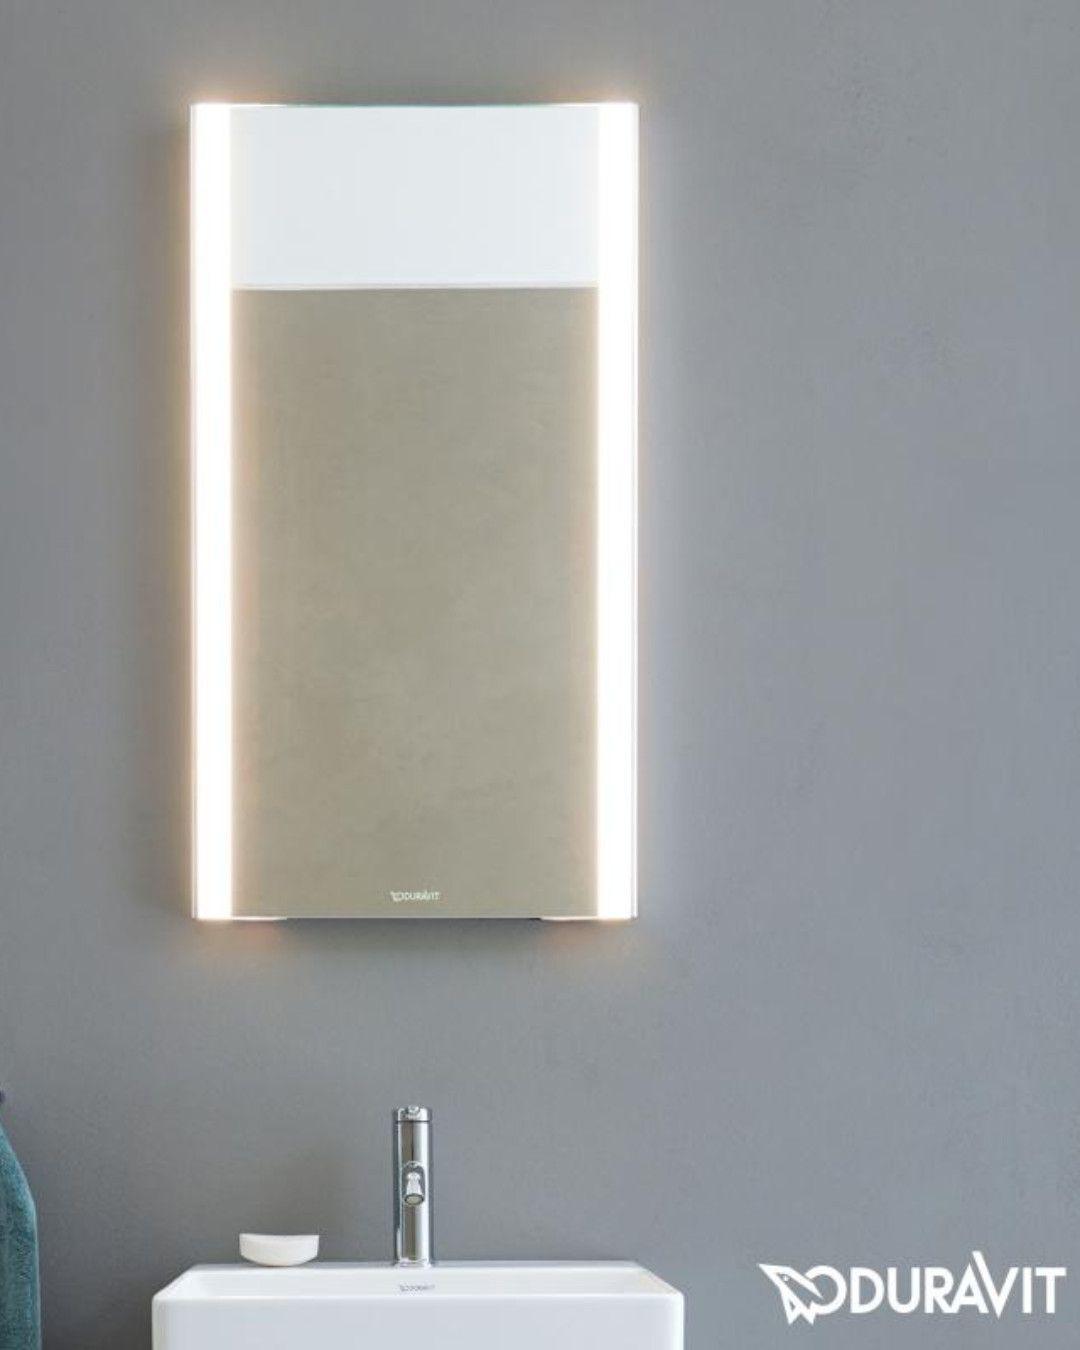 Duravit Xsquare Erhellenden Komfort In Puristischem Design Bringt